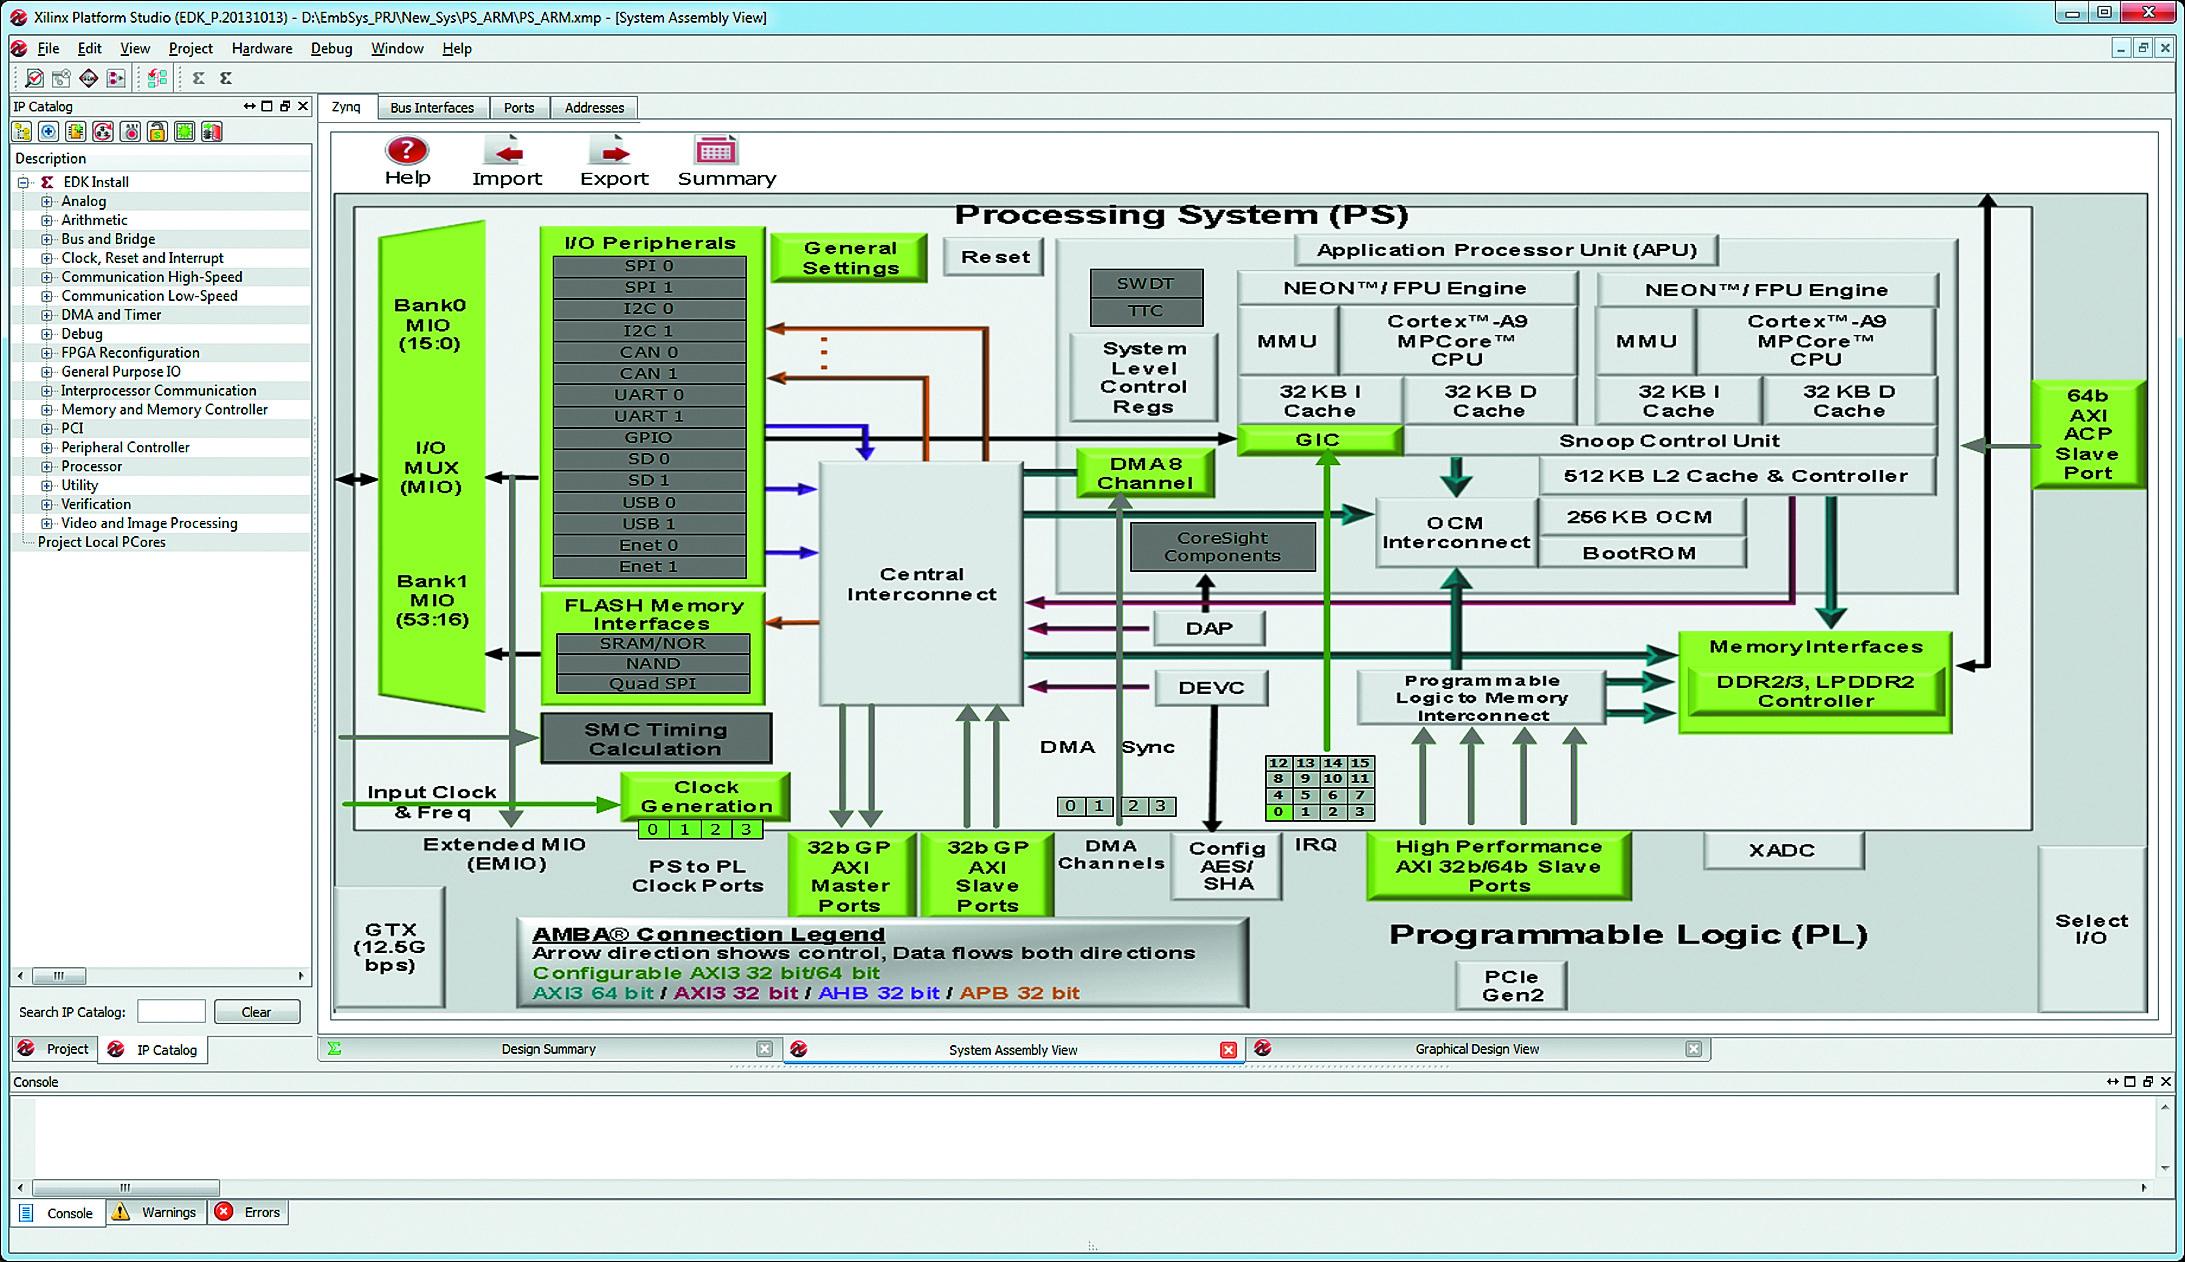 Вид основного окна среды XPS после включения ядра процессорной системы в состав созданного проекта